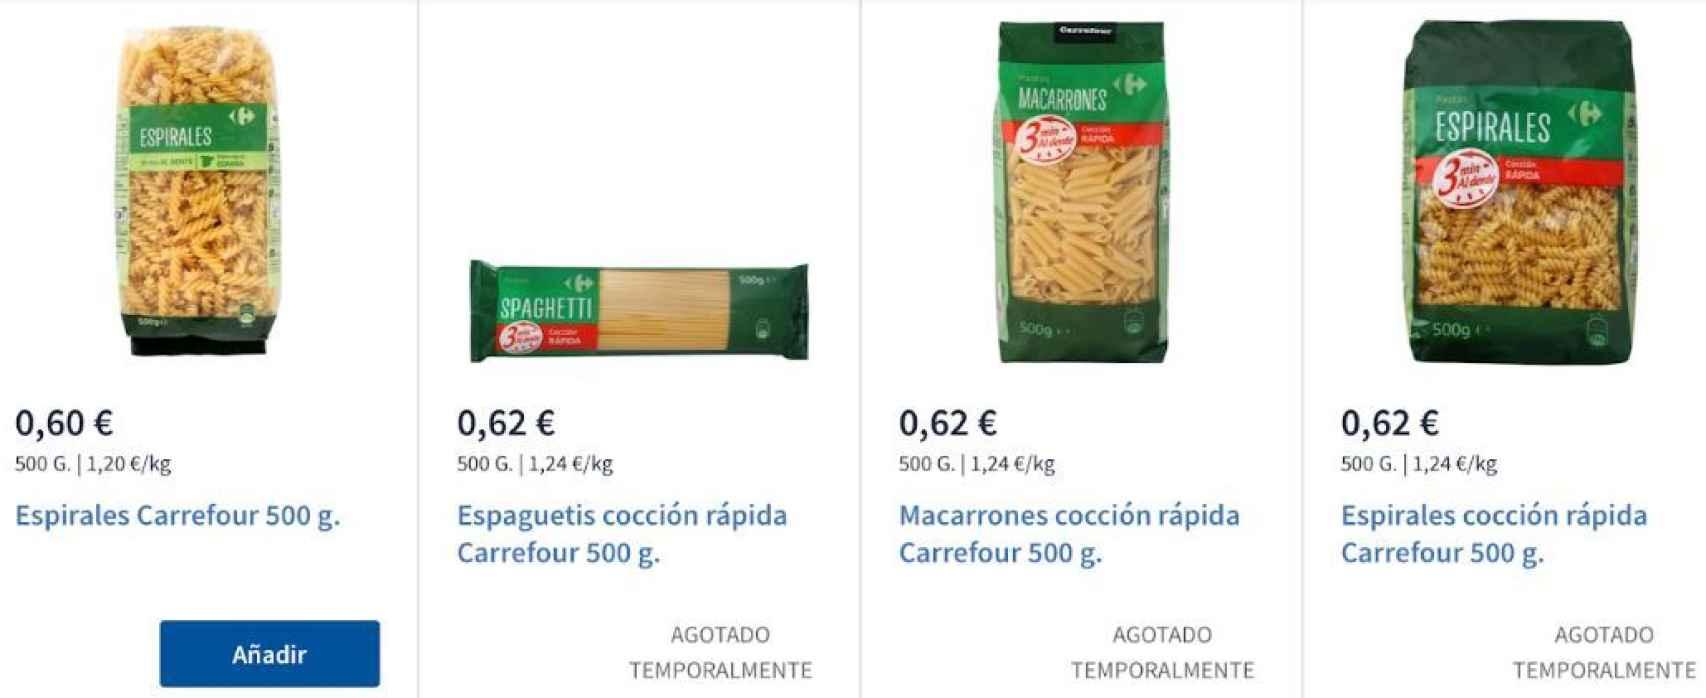 Algún tipo de pasta se ha agotado en los supermercados.